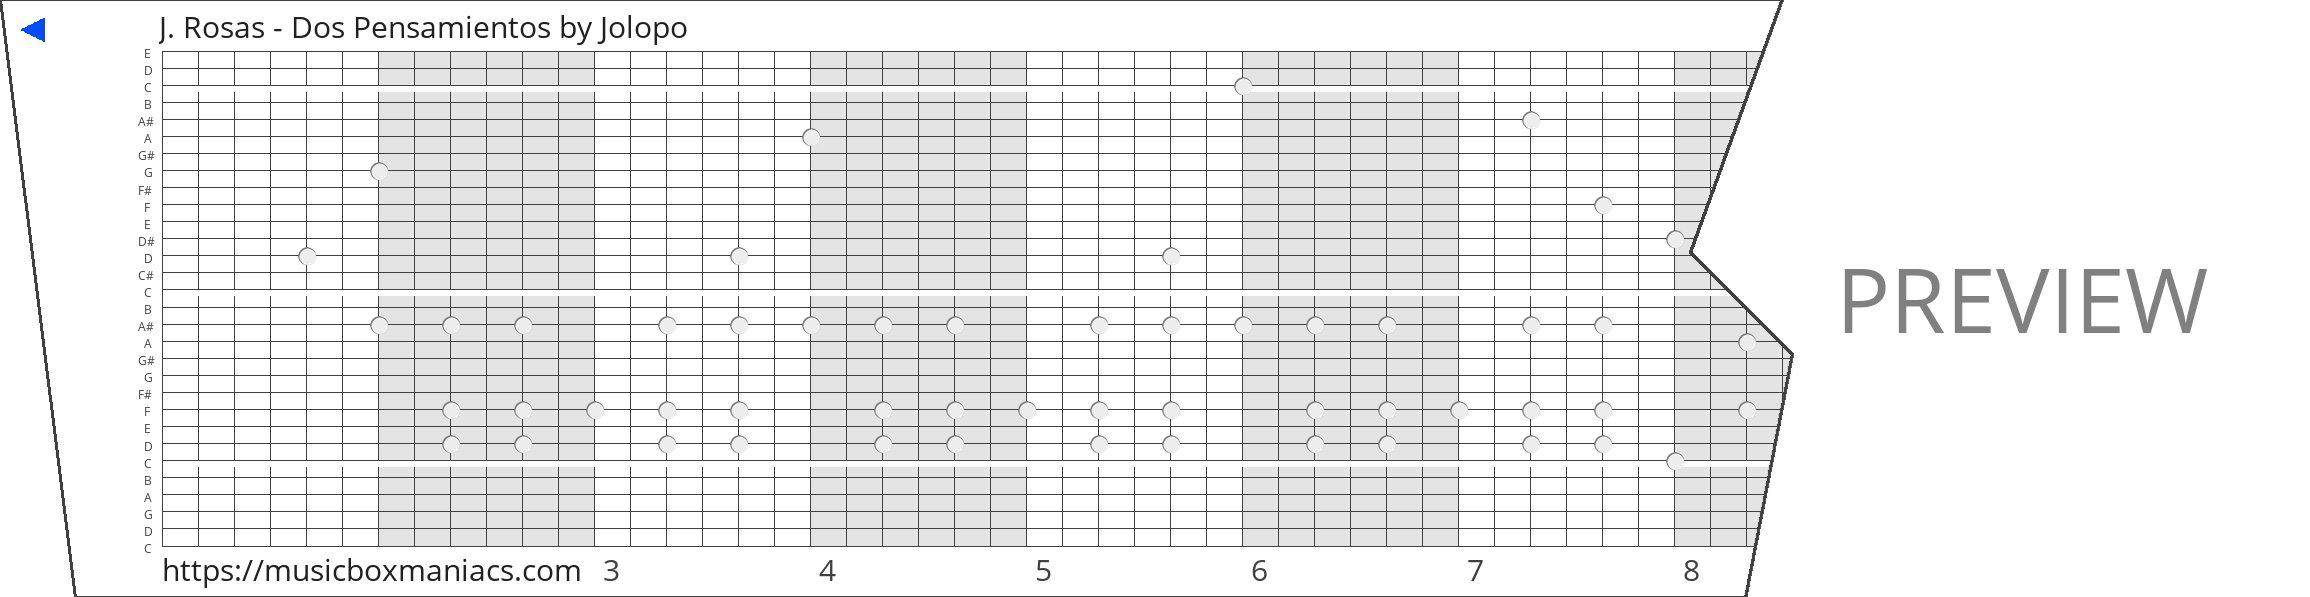 J. Rosas - Dos Pensamientos 30 note music box paper strip